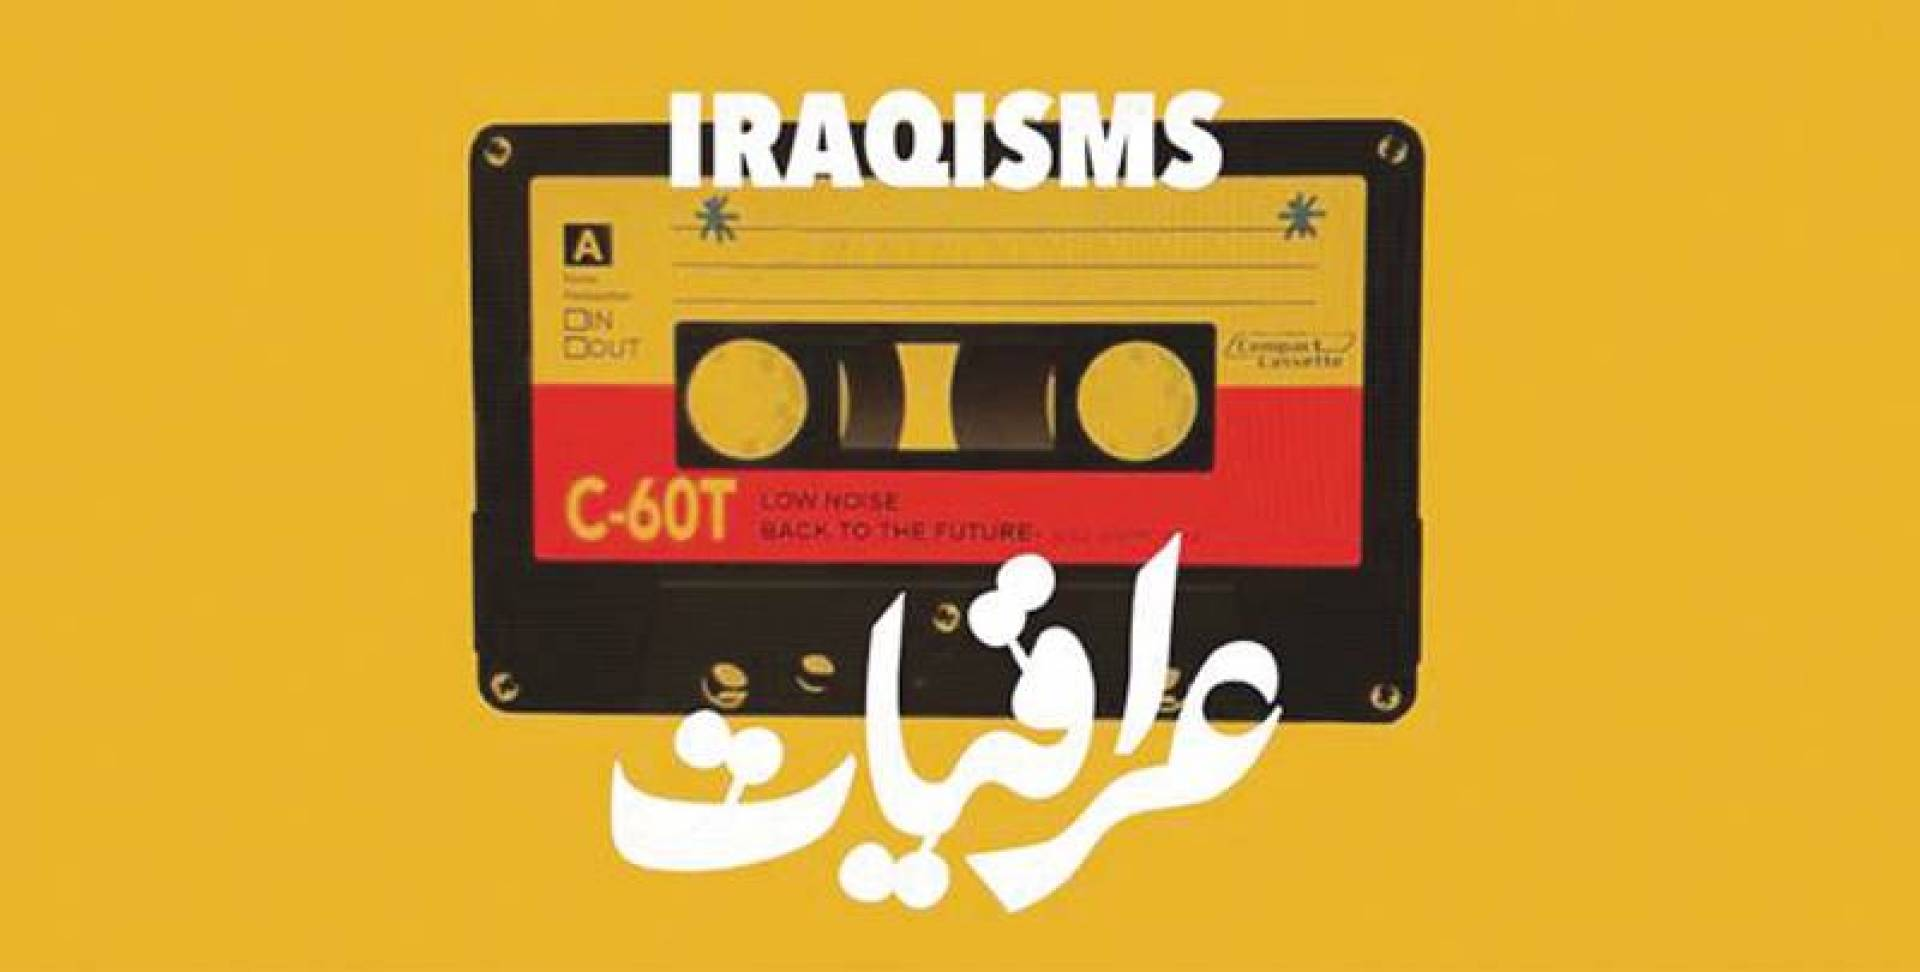 الفن العراقي في بيروت.. أمل جديد و«أيام مجنونة»